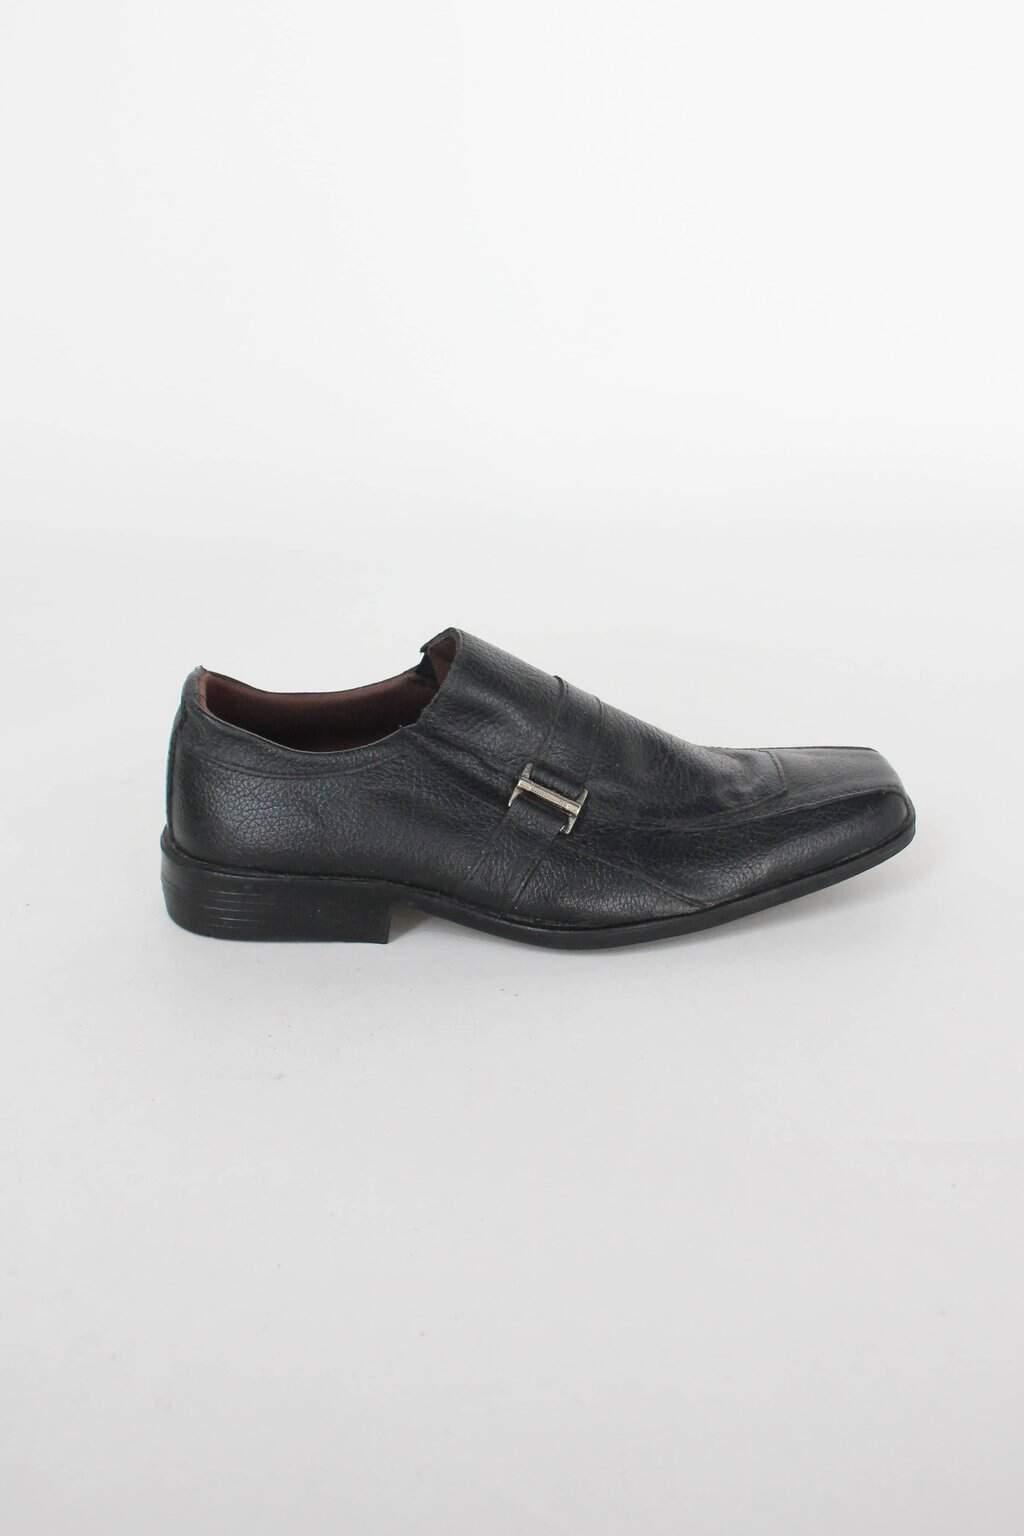 Sapato soft way masculino preto